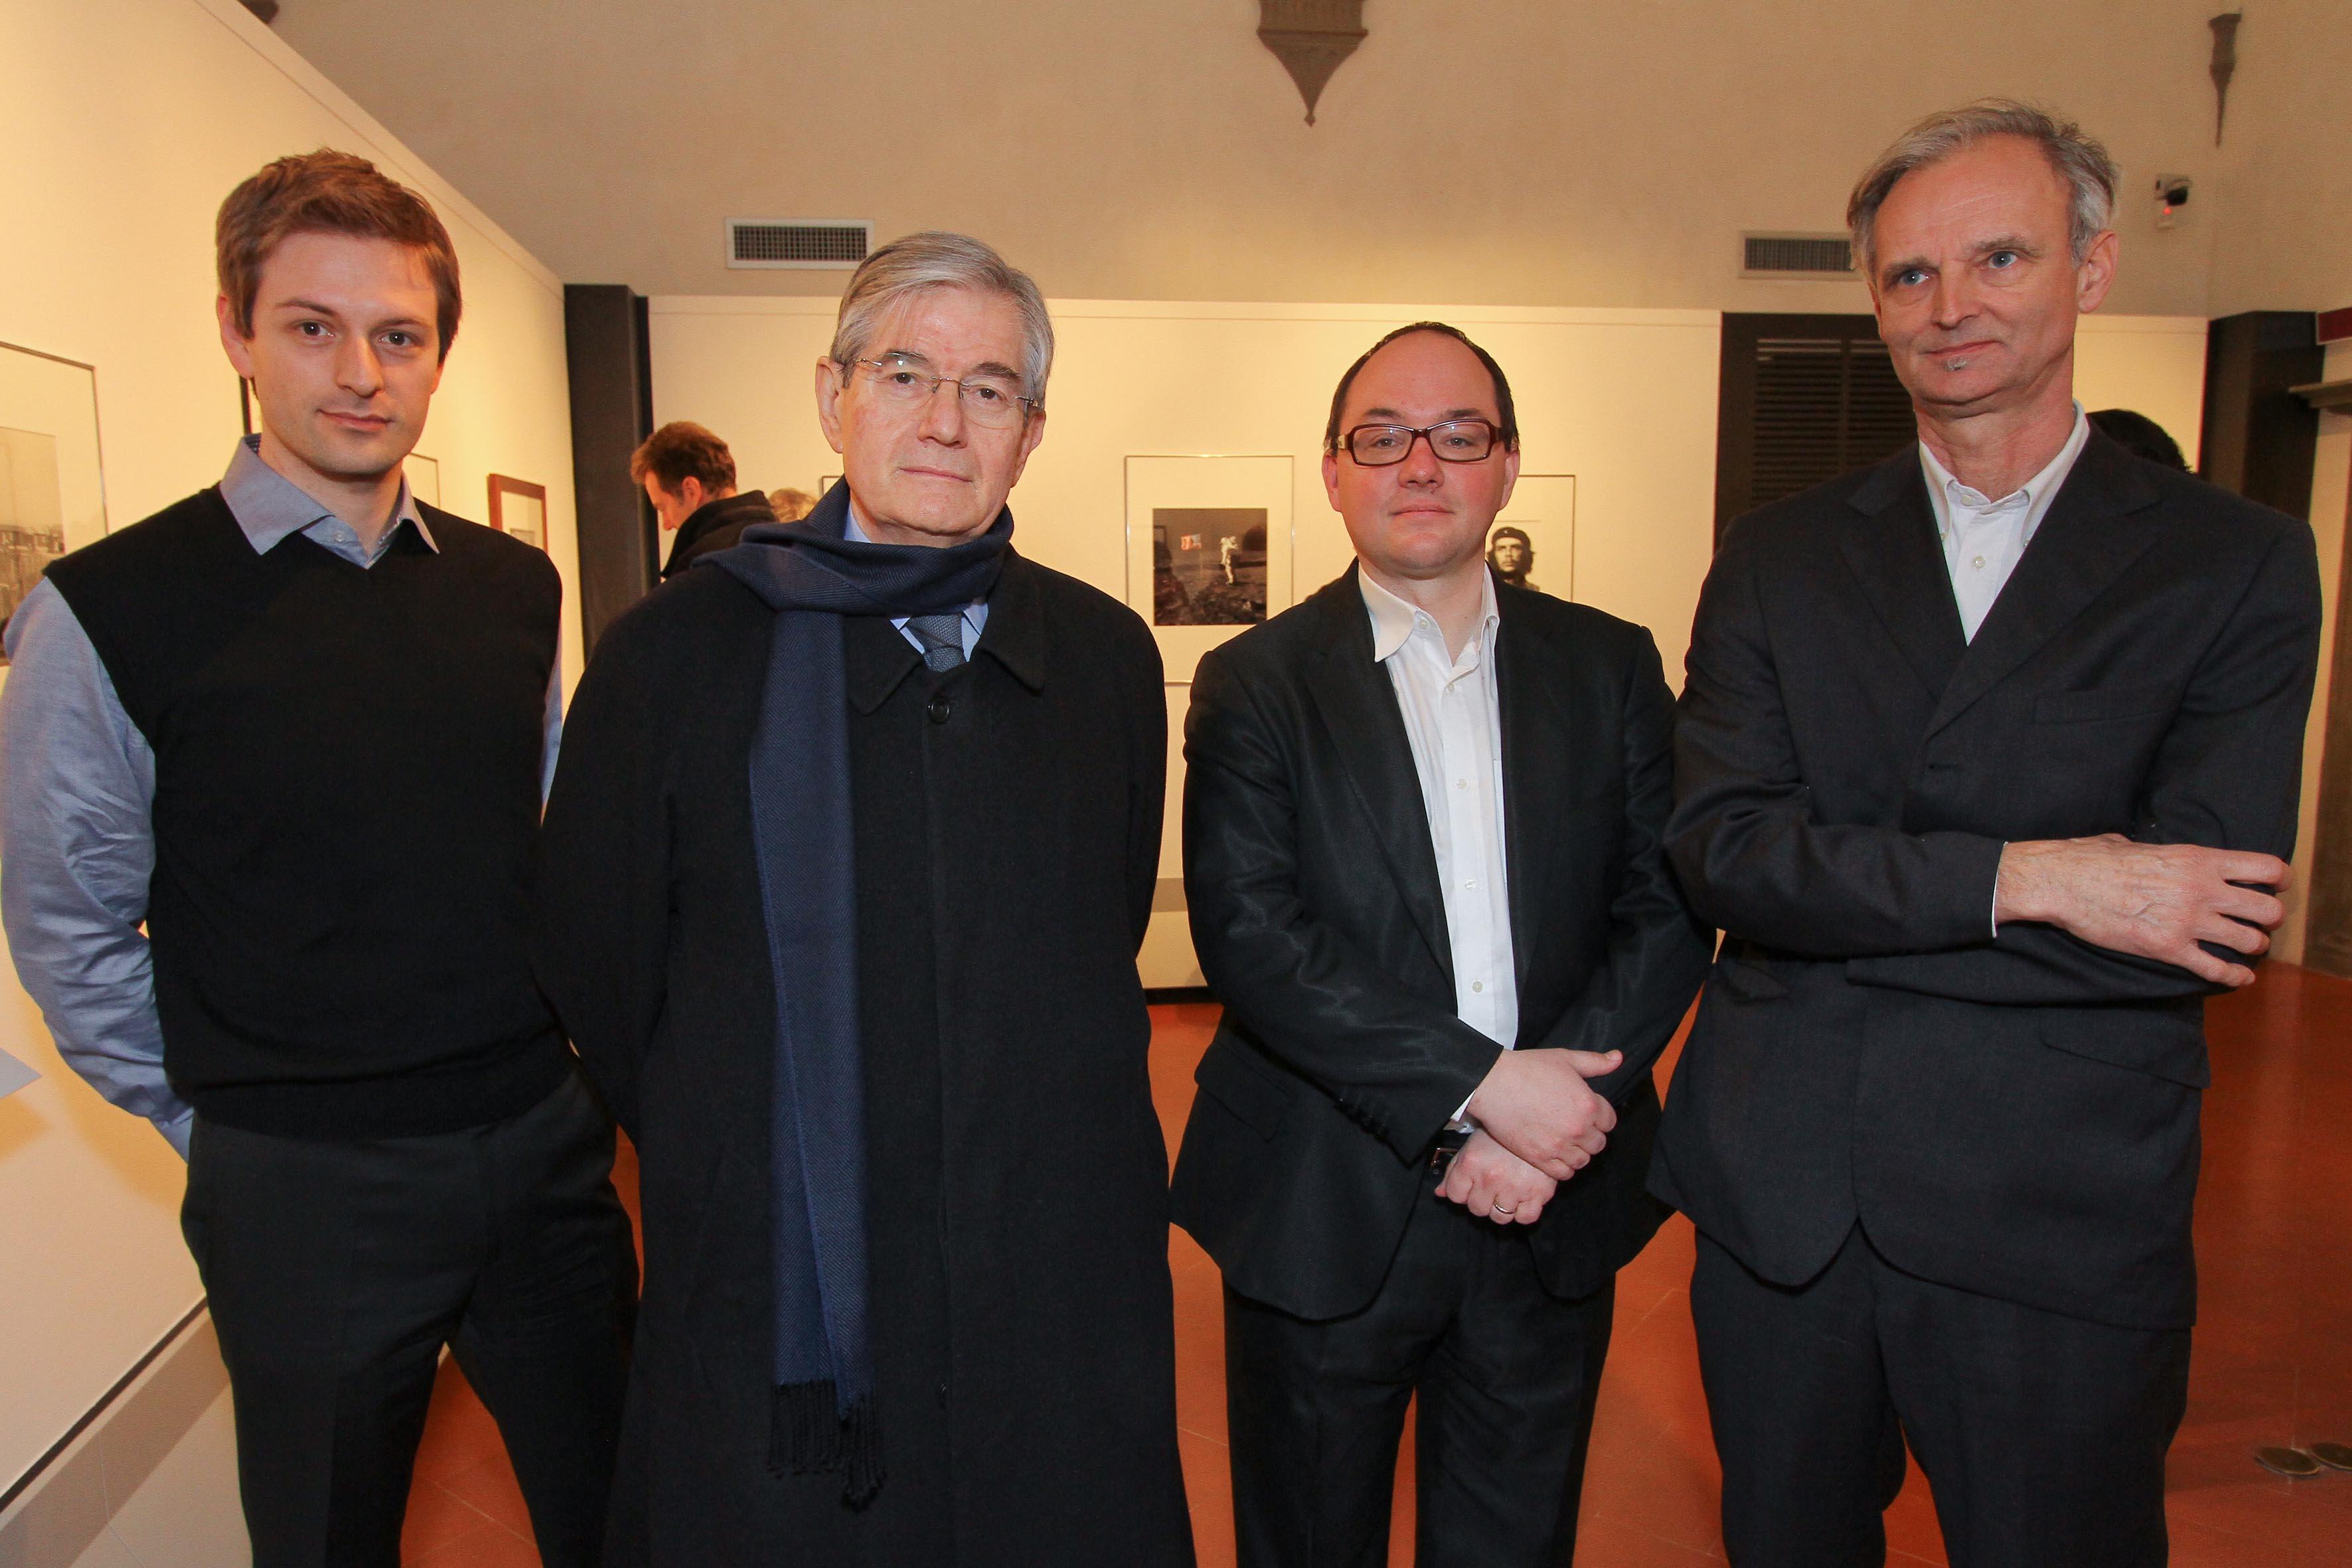 PRESSPHOTO Firenze, Museo Alinari, mostra fotografica Controverses. nella foto Claudio De Polo Saibanti con Pascal Hufschmid, Daniel Girardin e Christian Pirker